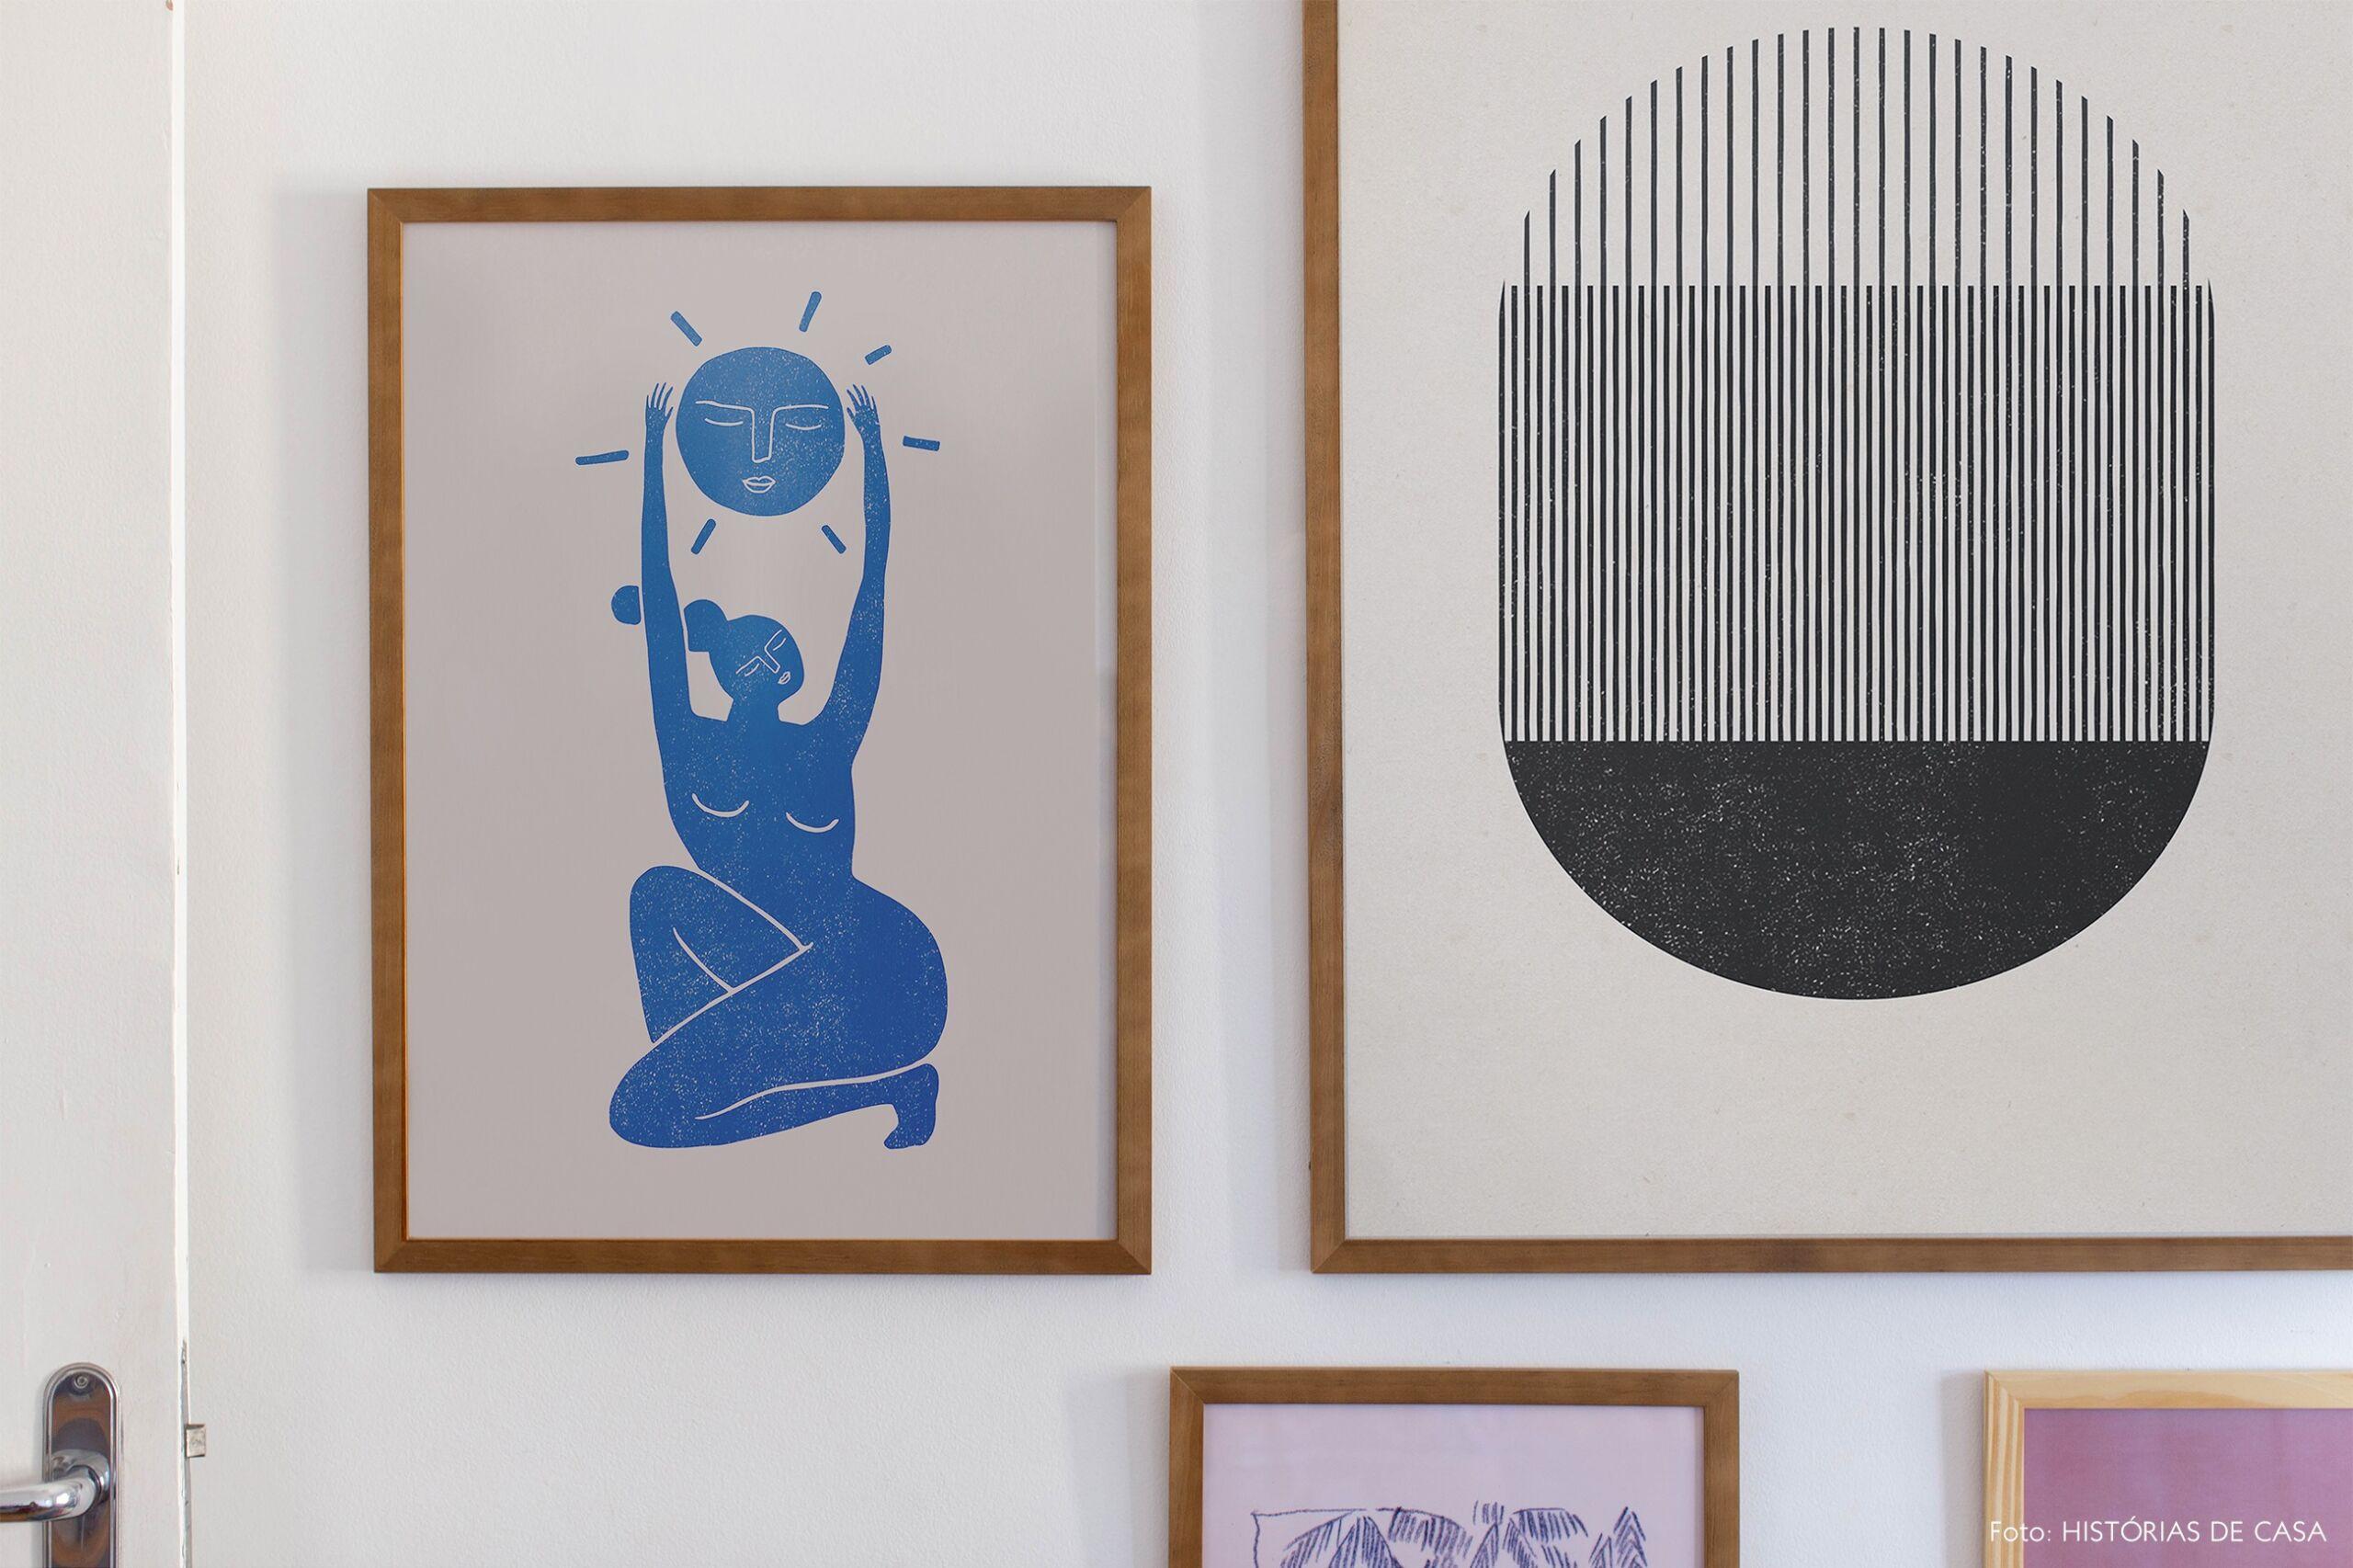 decoração composição quadros obrah escritorio